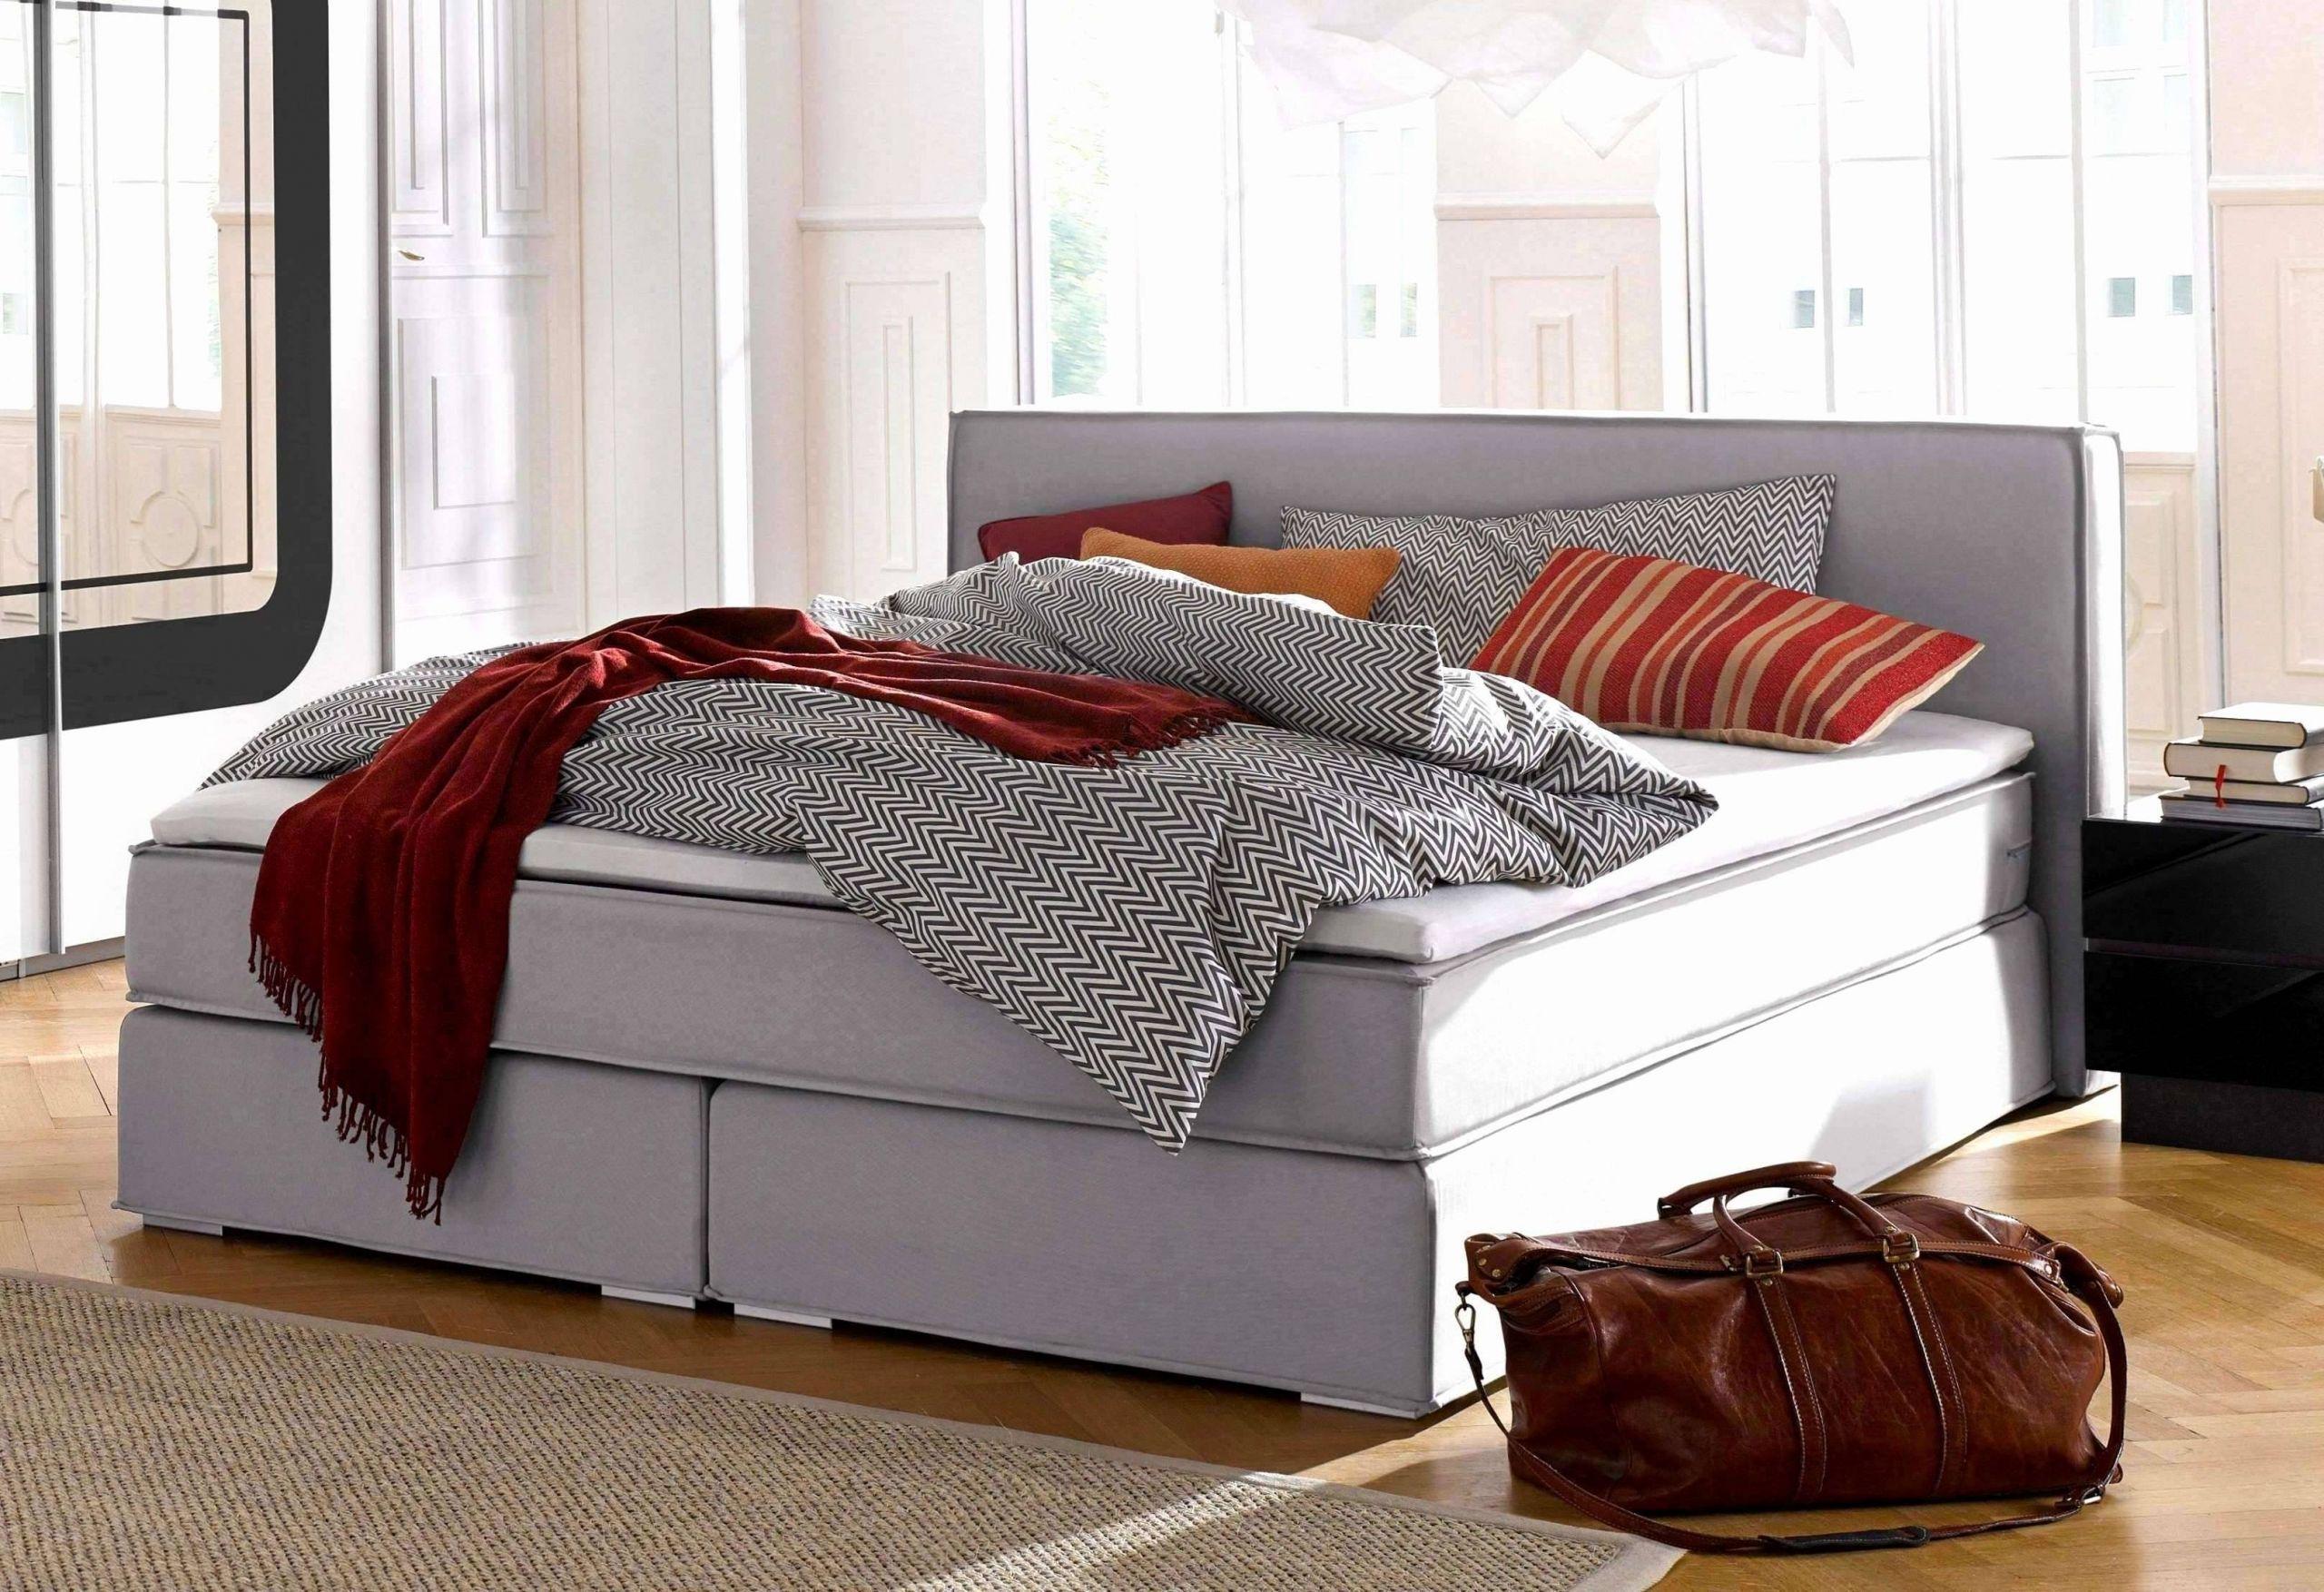 wohnzimmer ideen naturtone new 42 luxus schone gartenideen galerie of wohnzimmer ideen naturtone